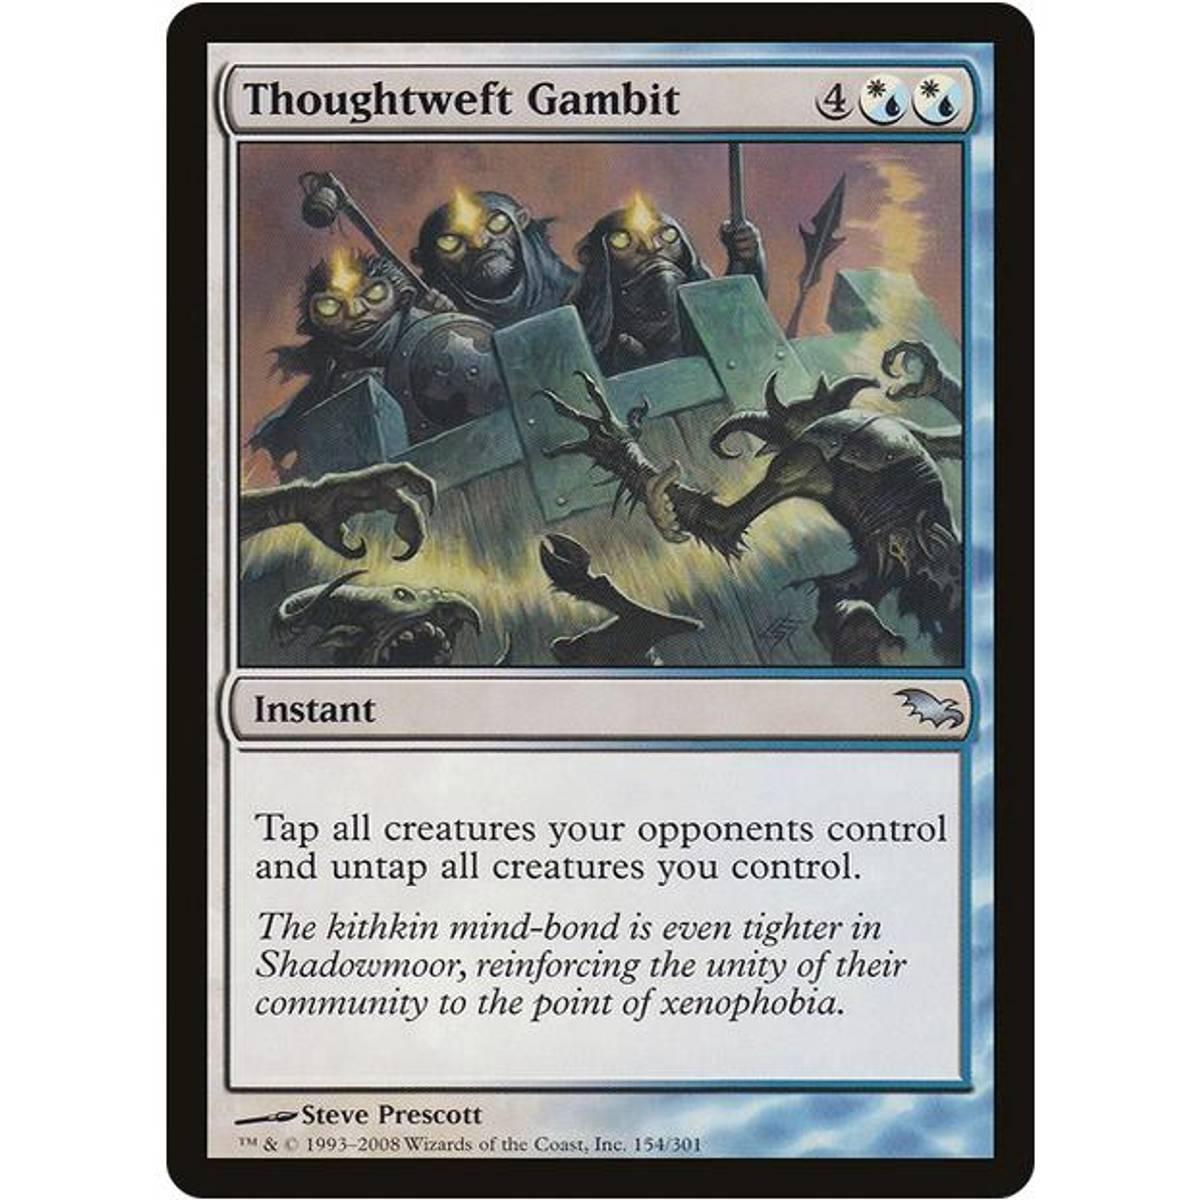 Thoughtweft Gambit